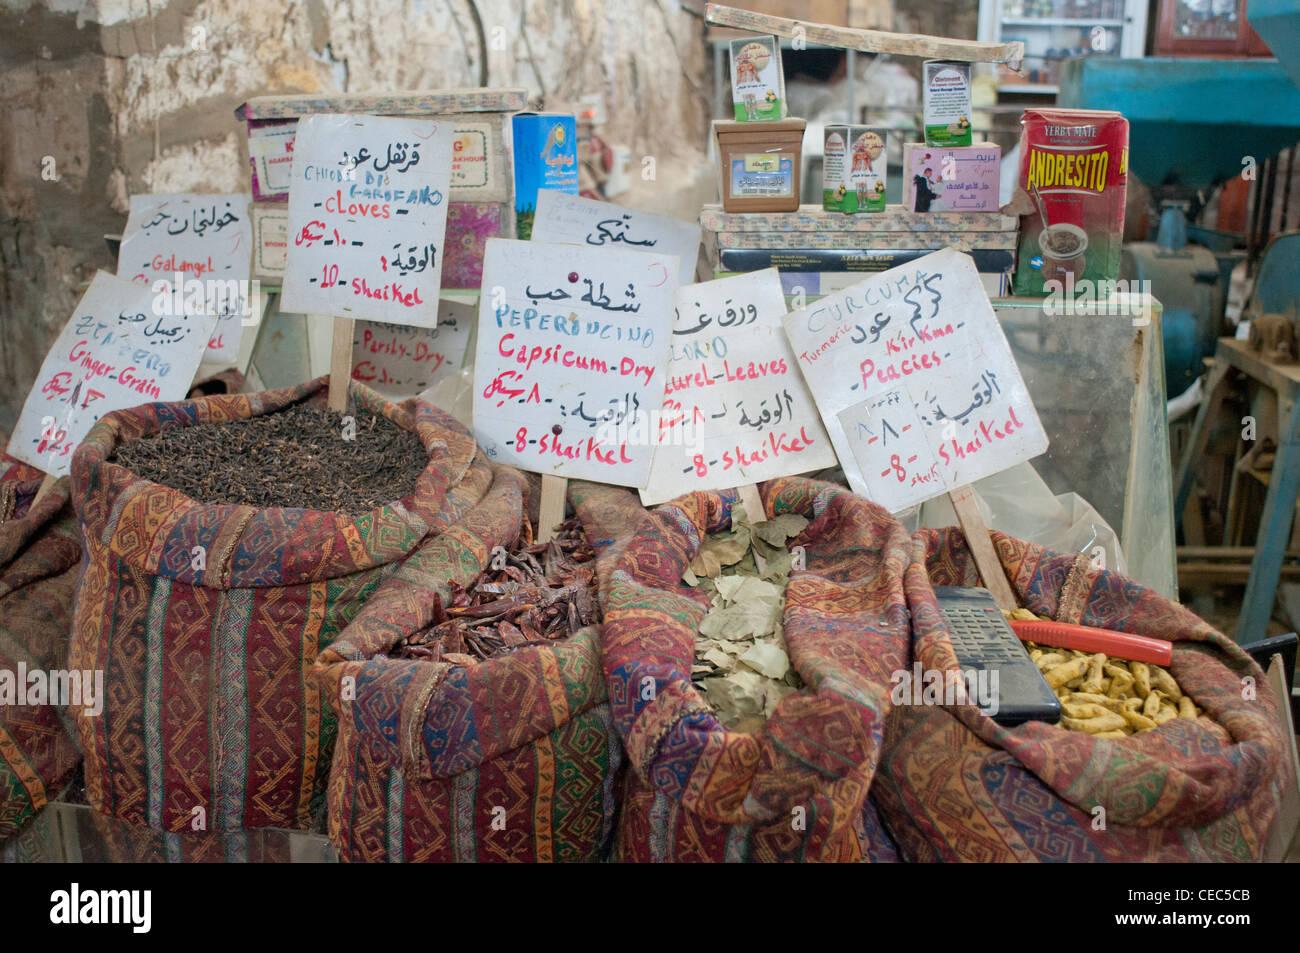 Palestina, Israele, un tradizionale vecchio essenza e specie shop. Immagini Stock